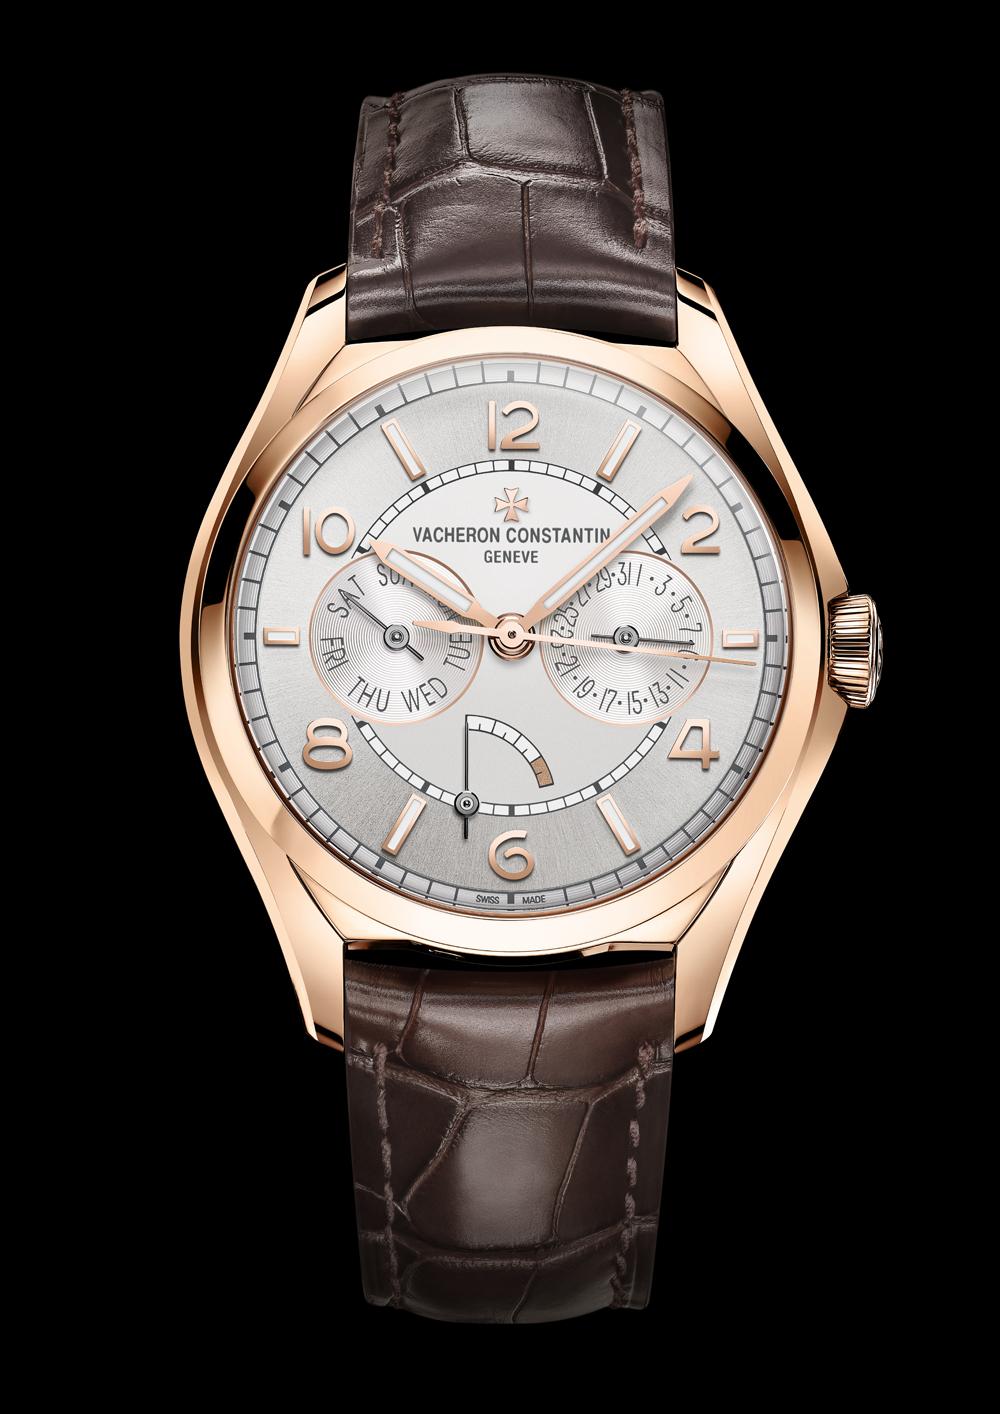 Reloj Fiftysix Fecha-Día oro rosa de Vacheron Constantin